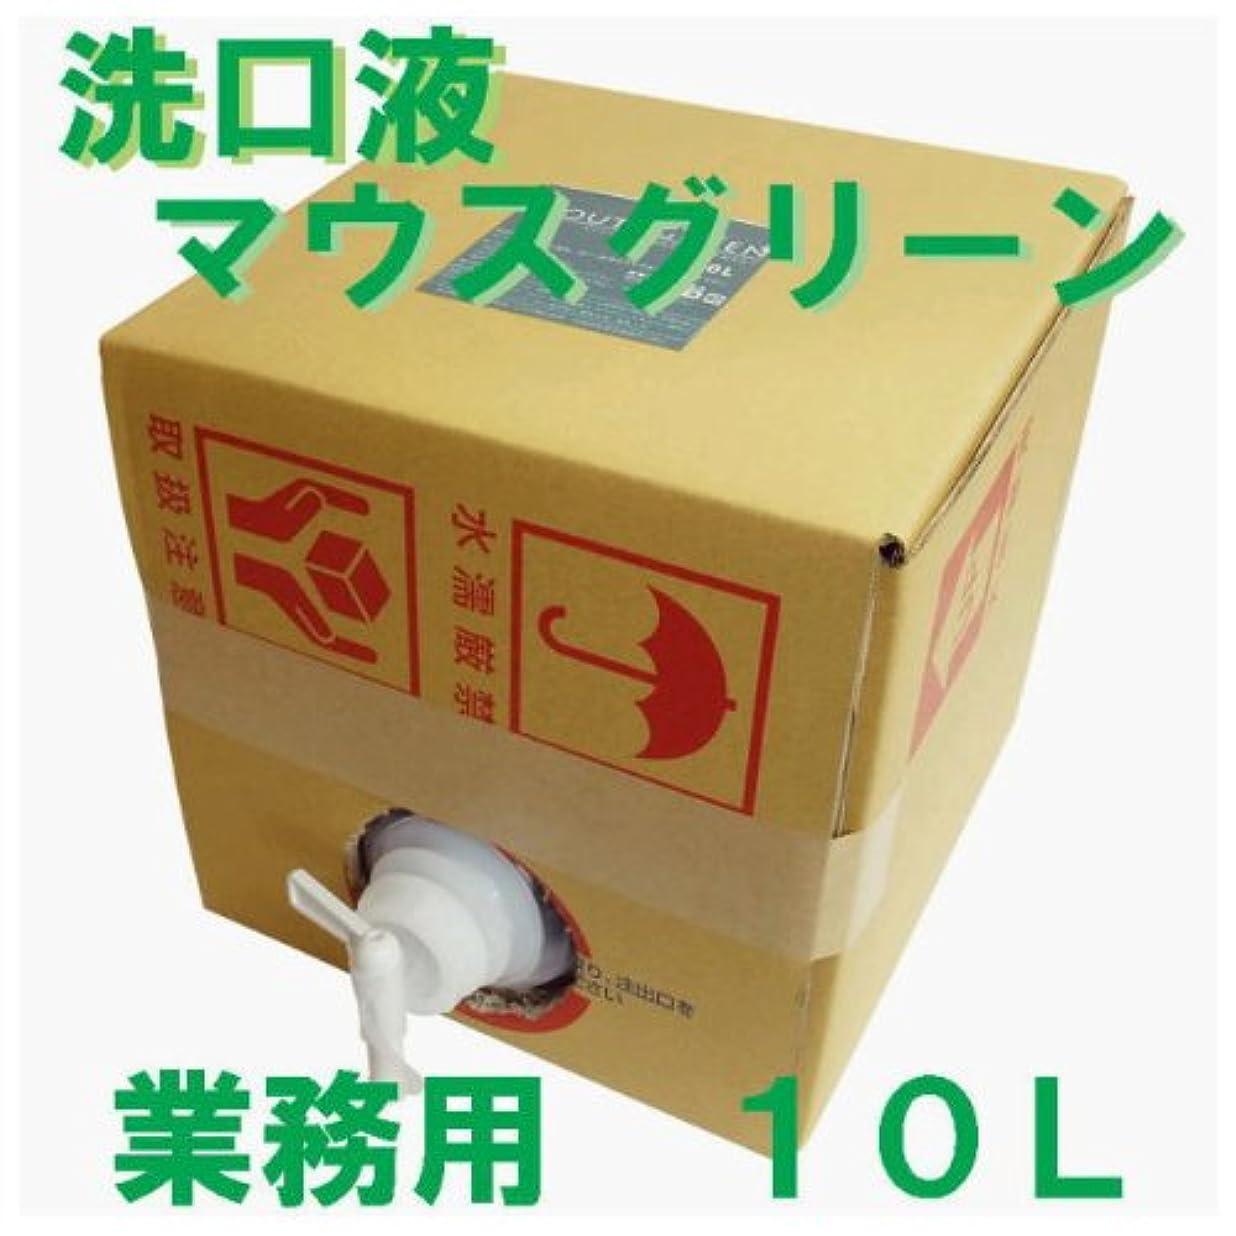 句読点常習的言う業務用 口腔化粧品 マウスグリーン洗口液 10L